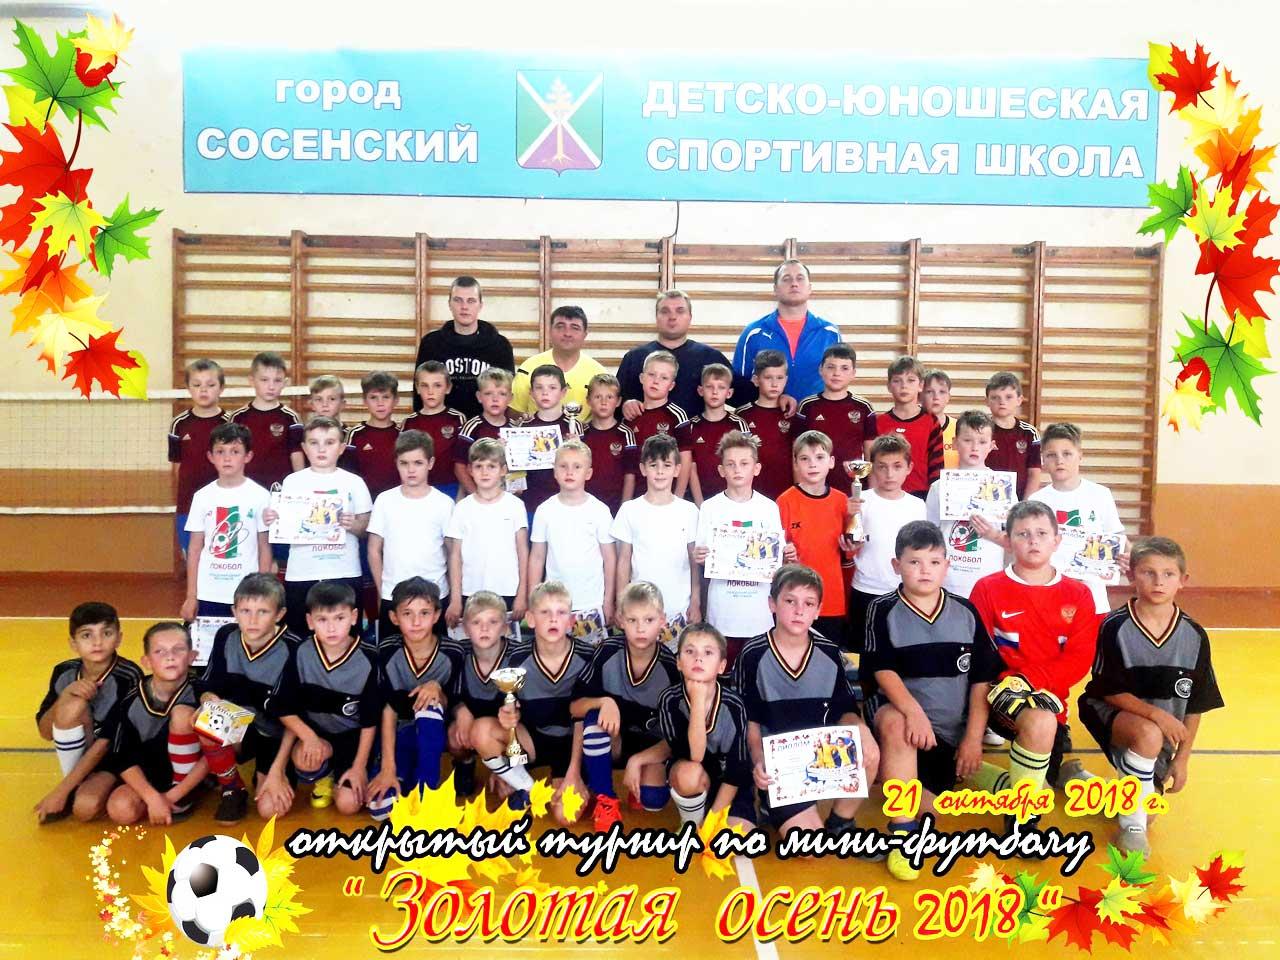 игроки команды по мини-футболу